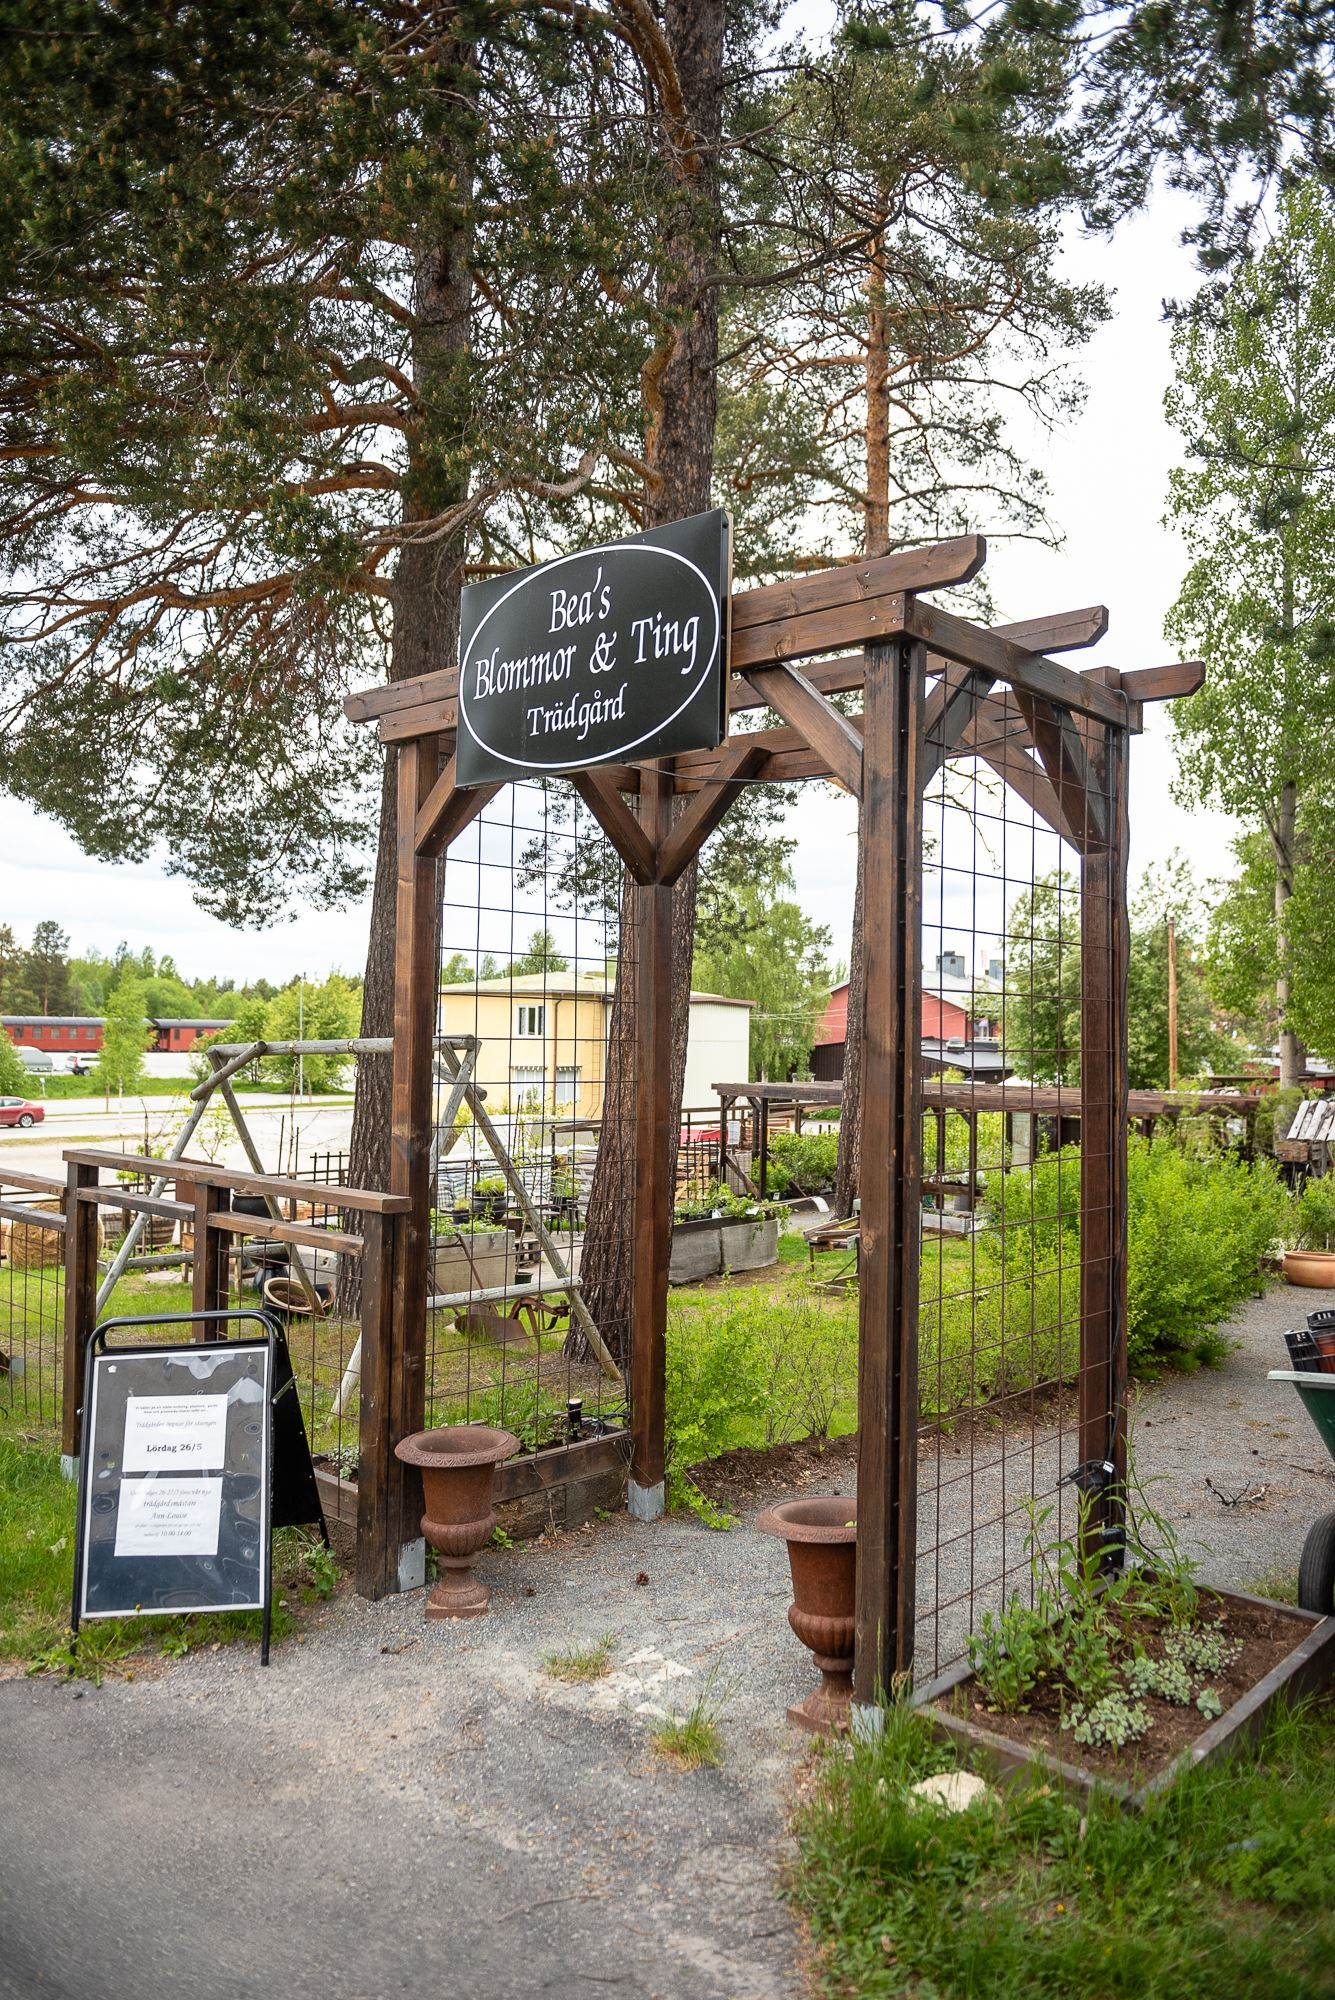 Bea´s blommor & ting - Garden Centre